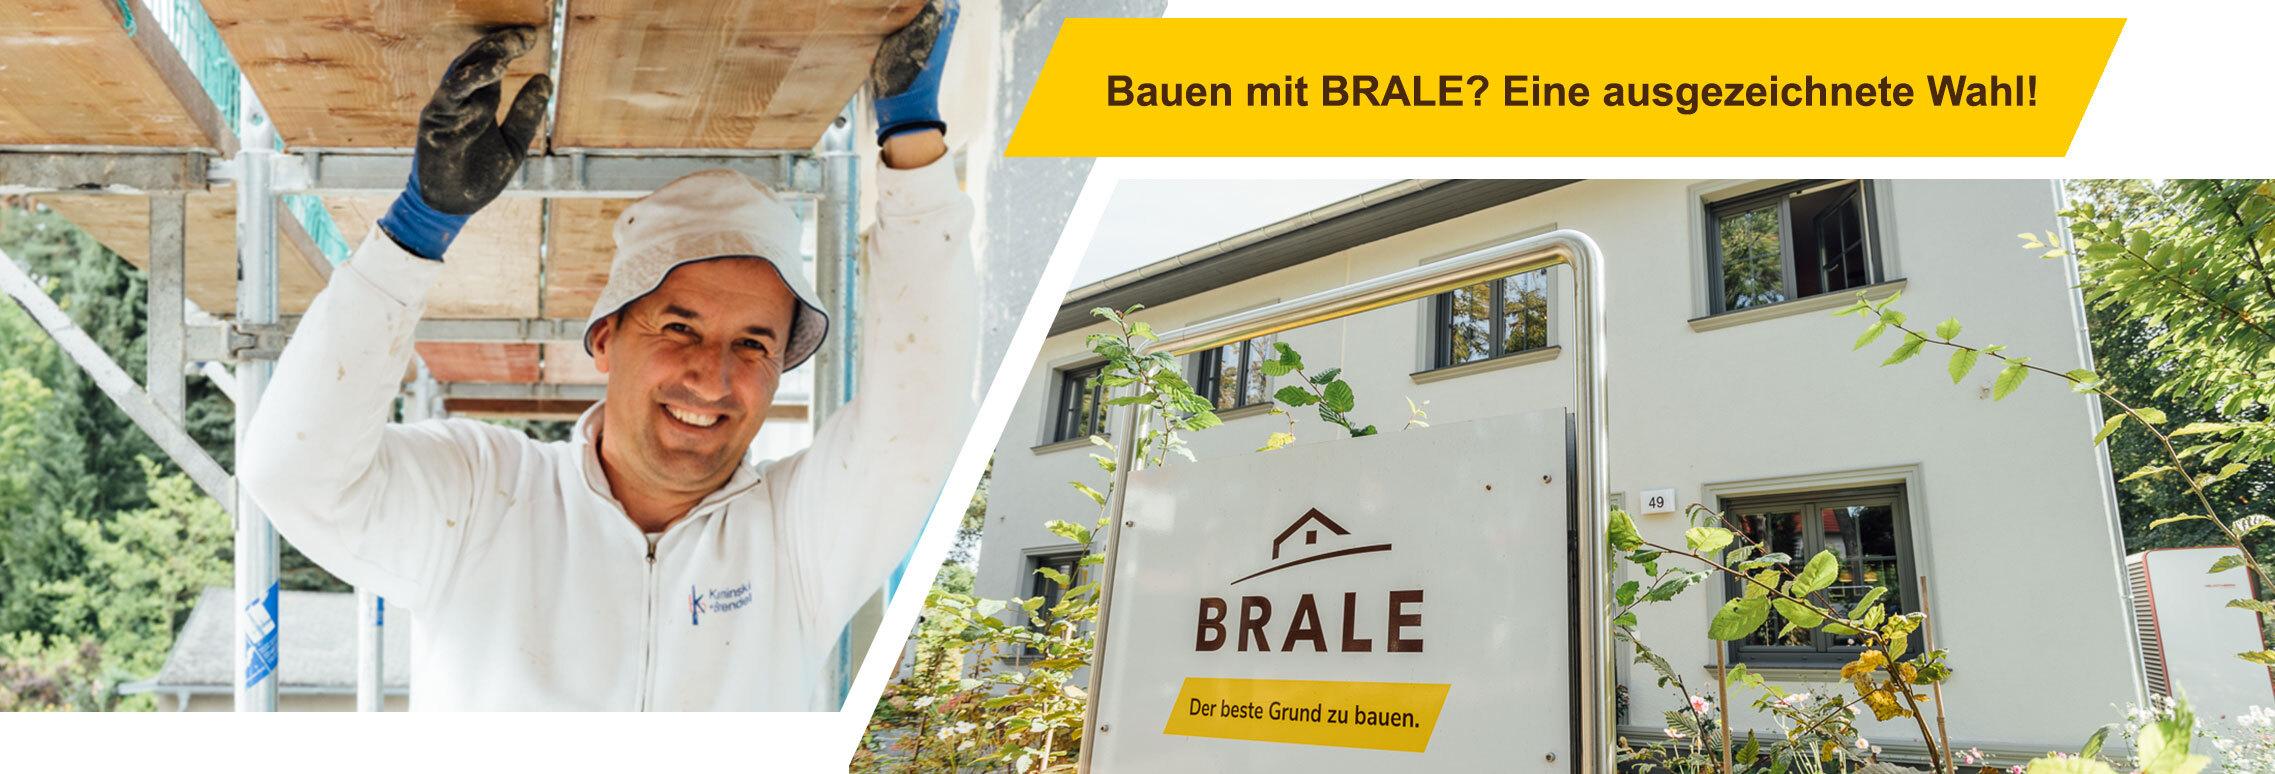 Bauen mit BRALE? Eine ausgezeichnete Wahl!